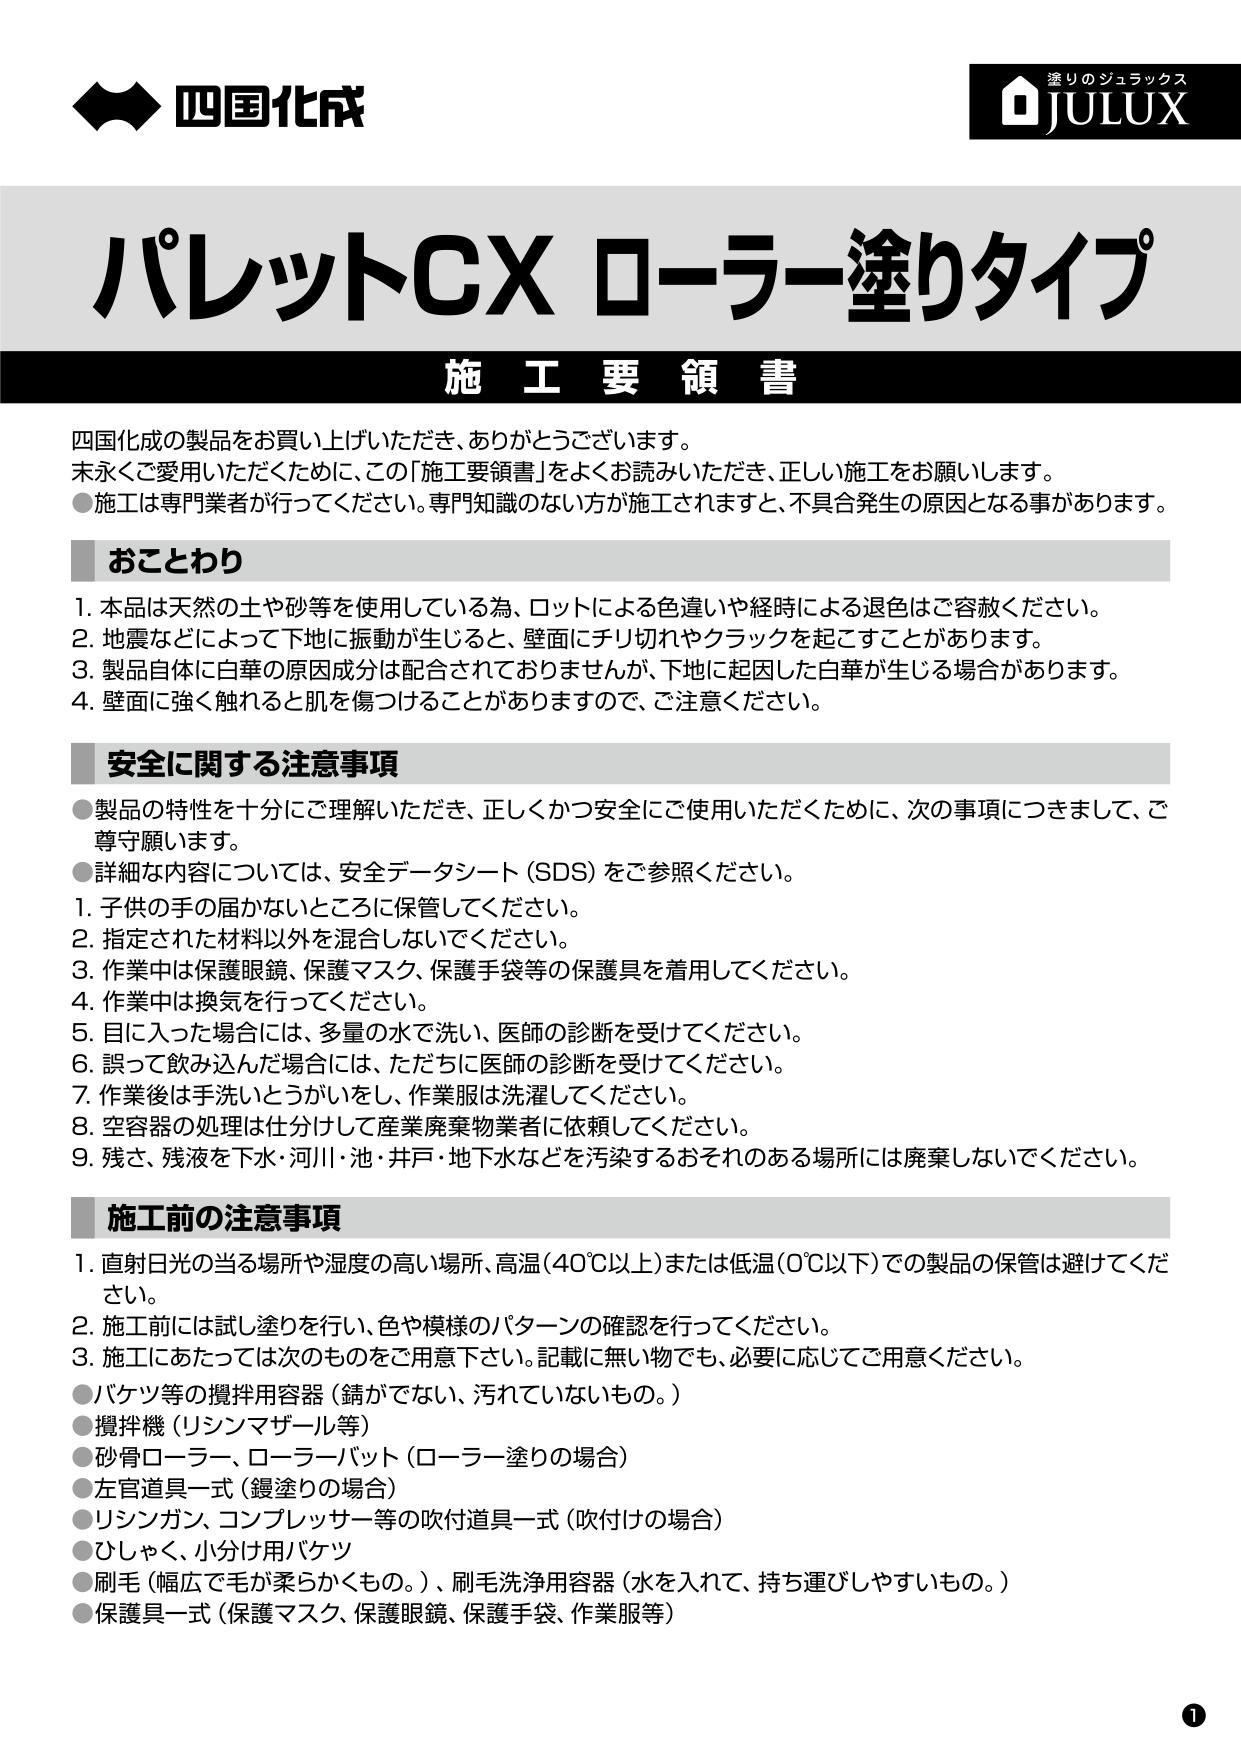 パレットCXローラー塗りタイプ 施工要領書_page-0001